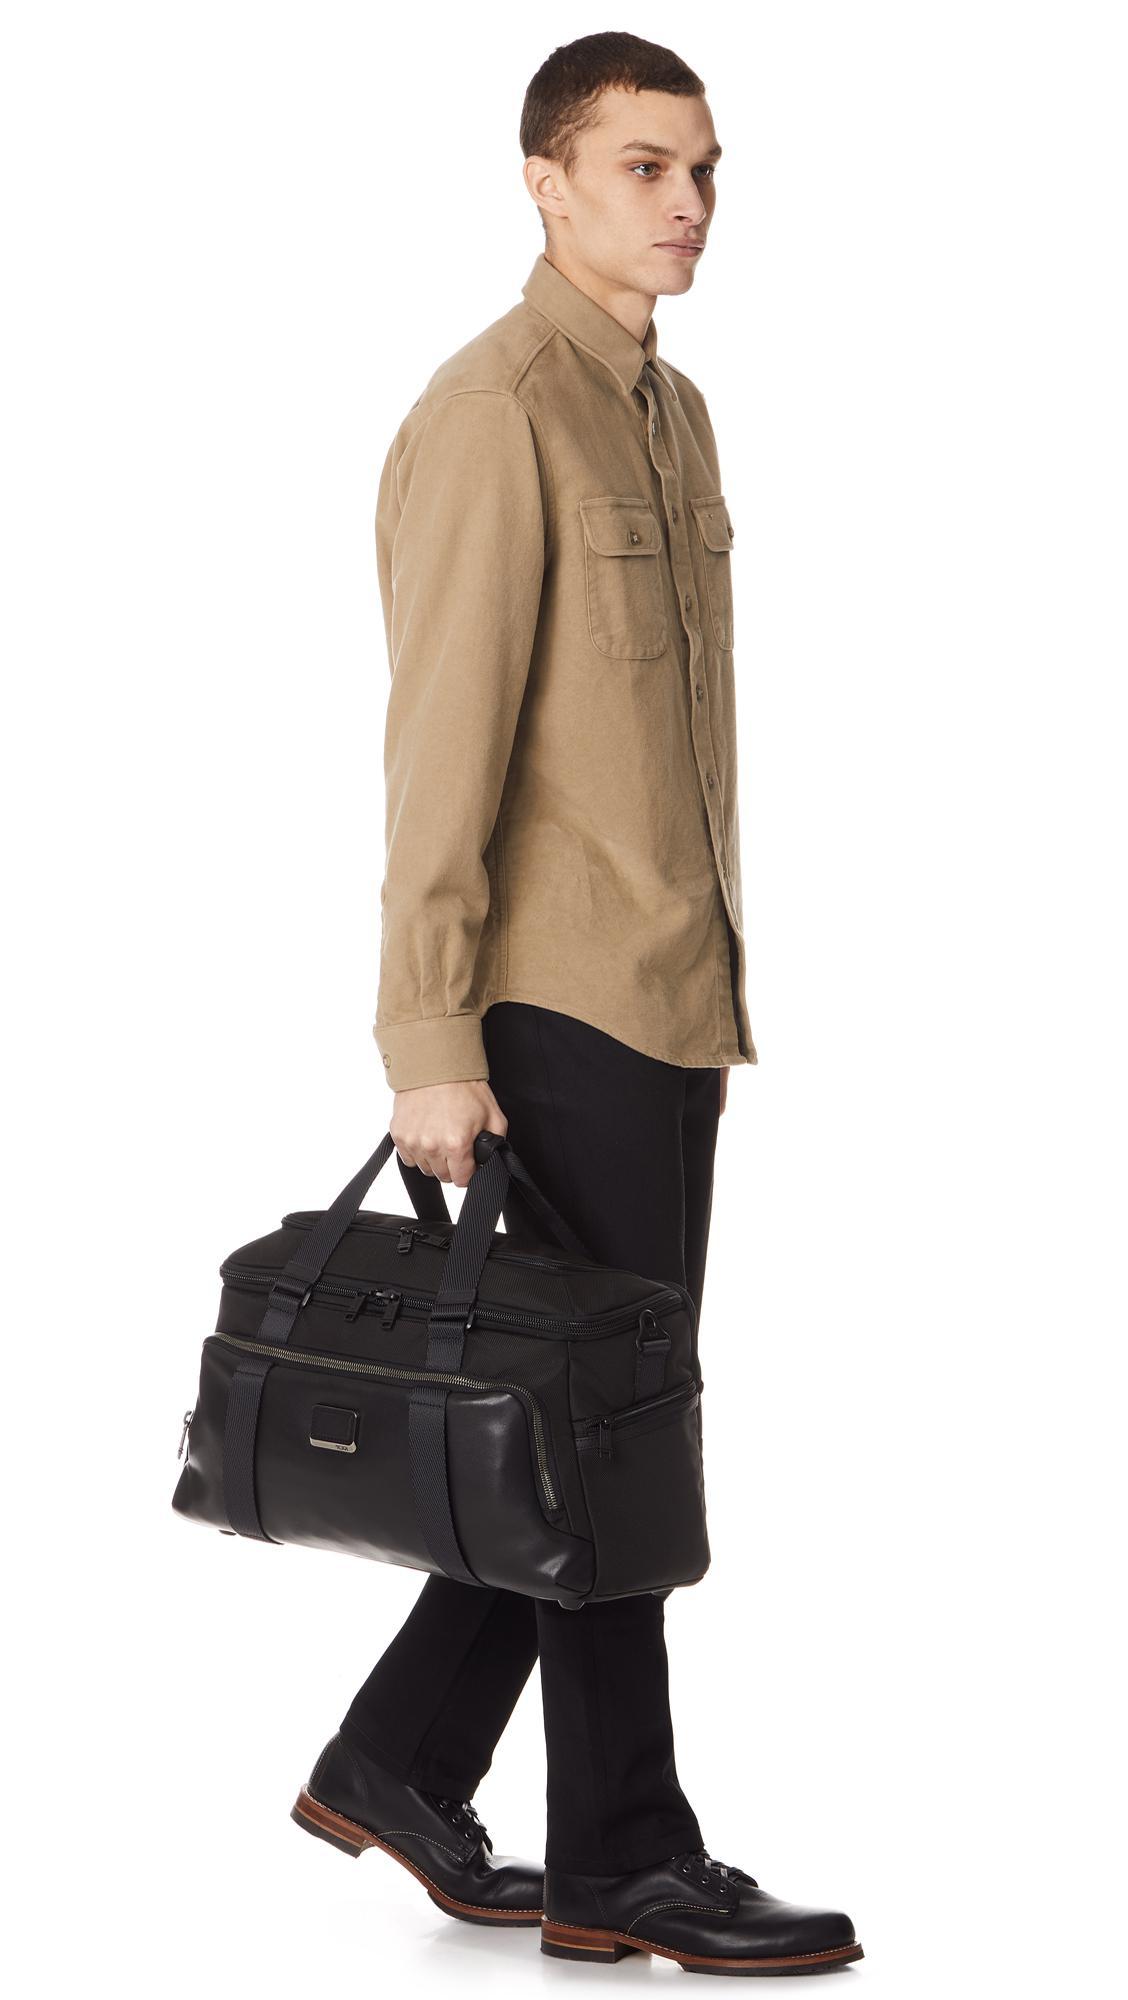 b626f171c9 Lyst - Tumi Mccoy Gym Bag in Black for Men